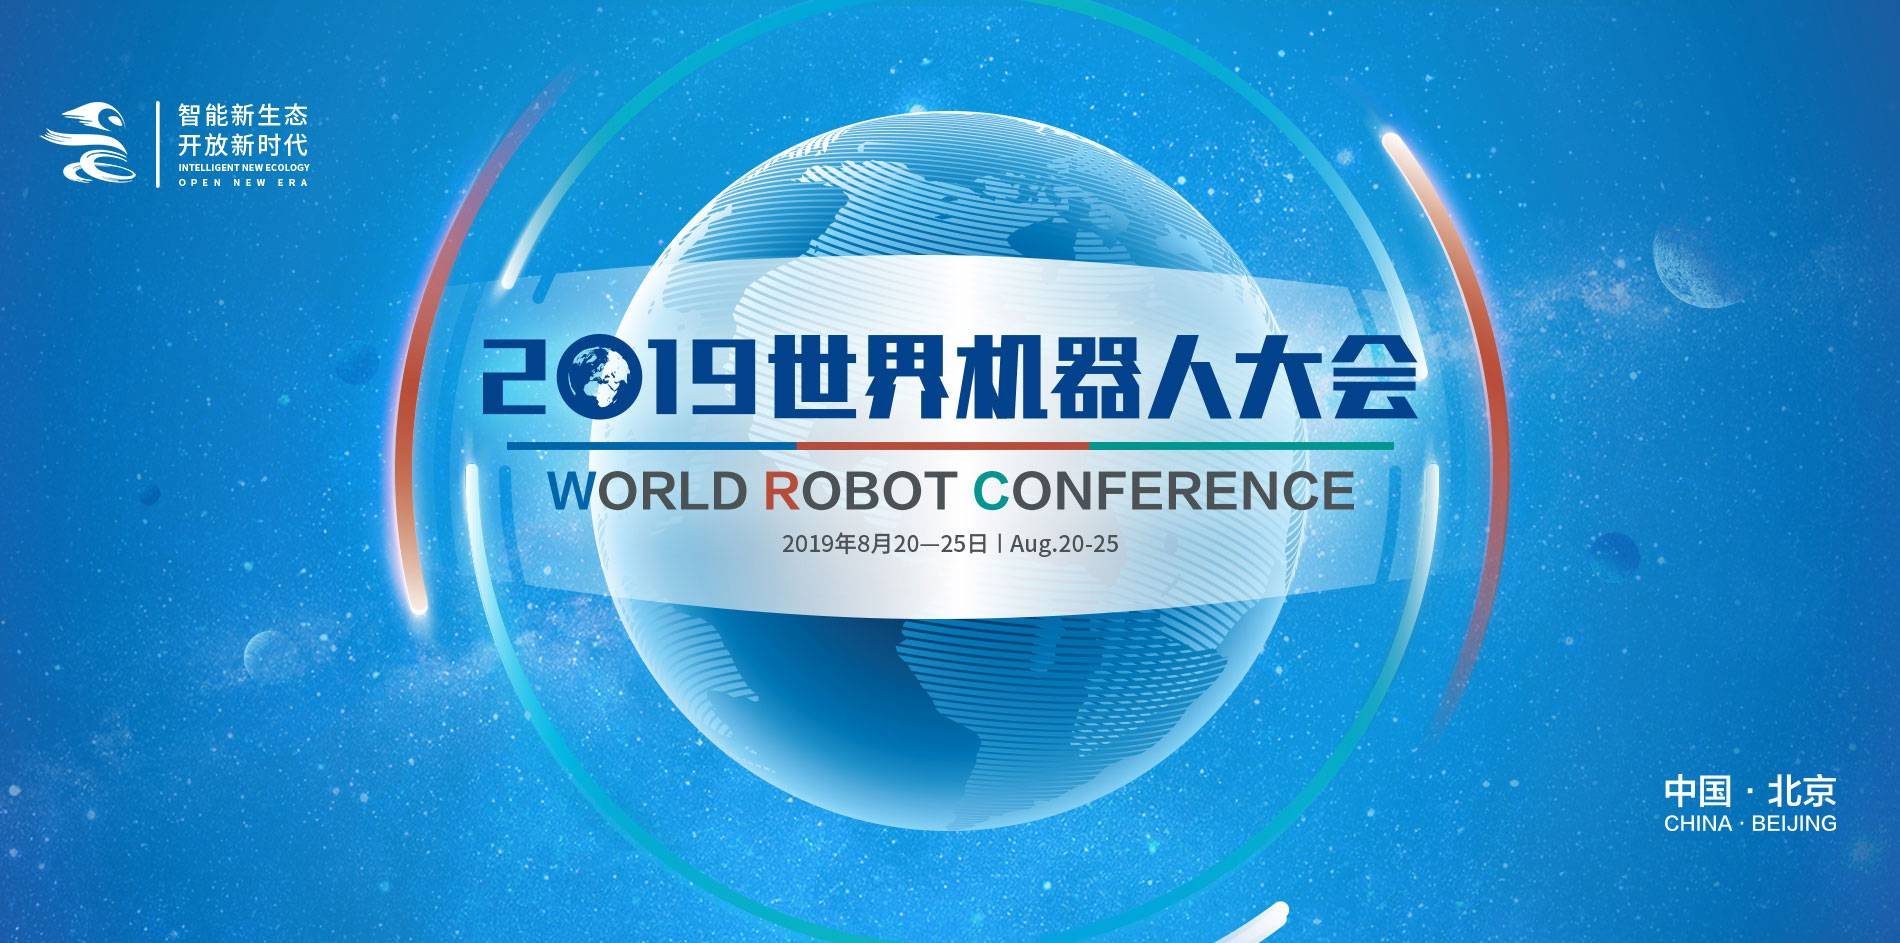 【活动】2019世界机器人大会-亿欧